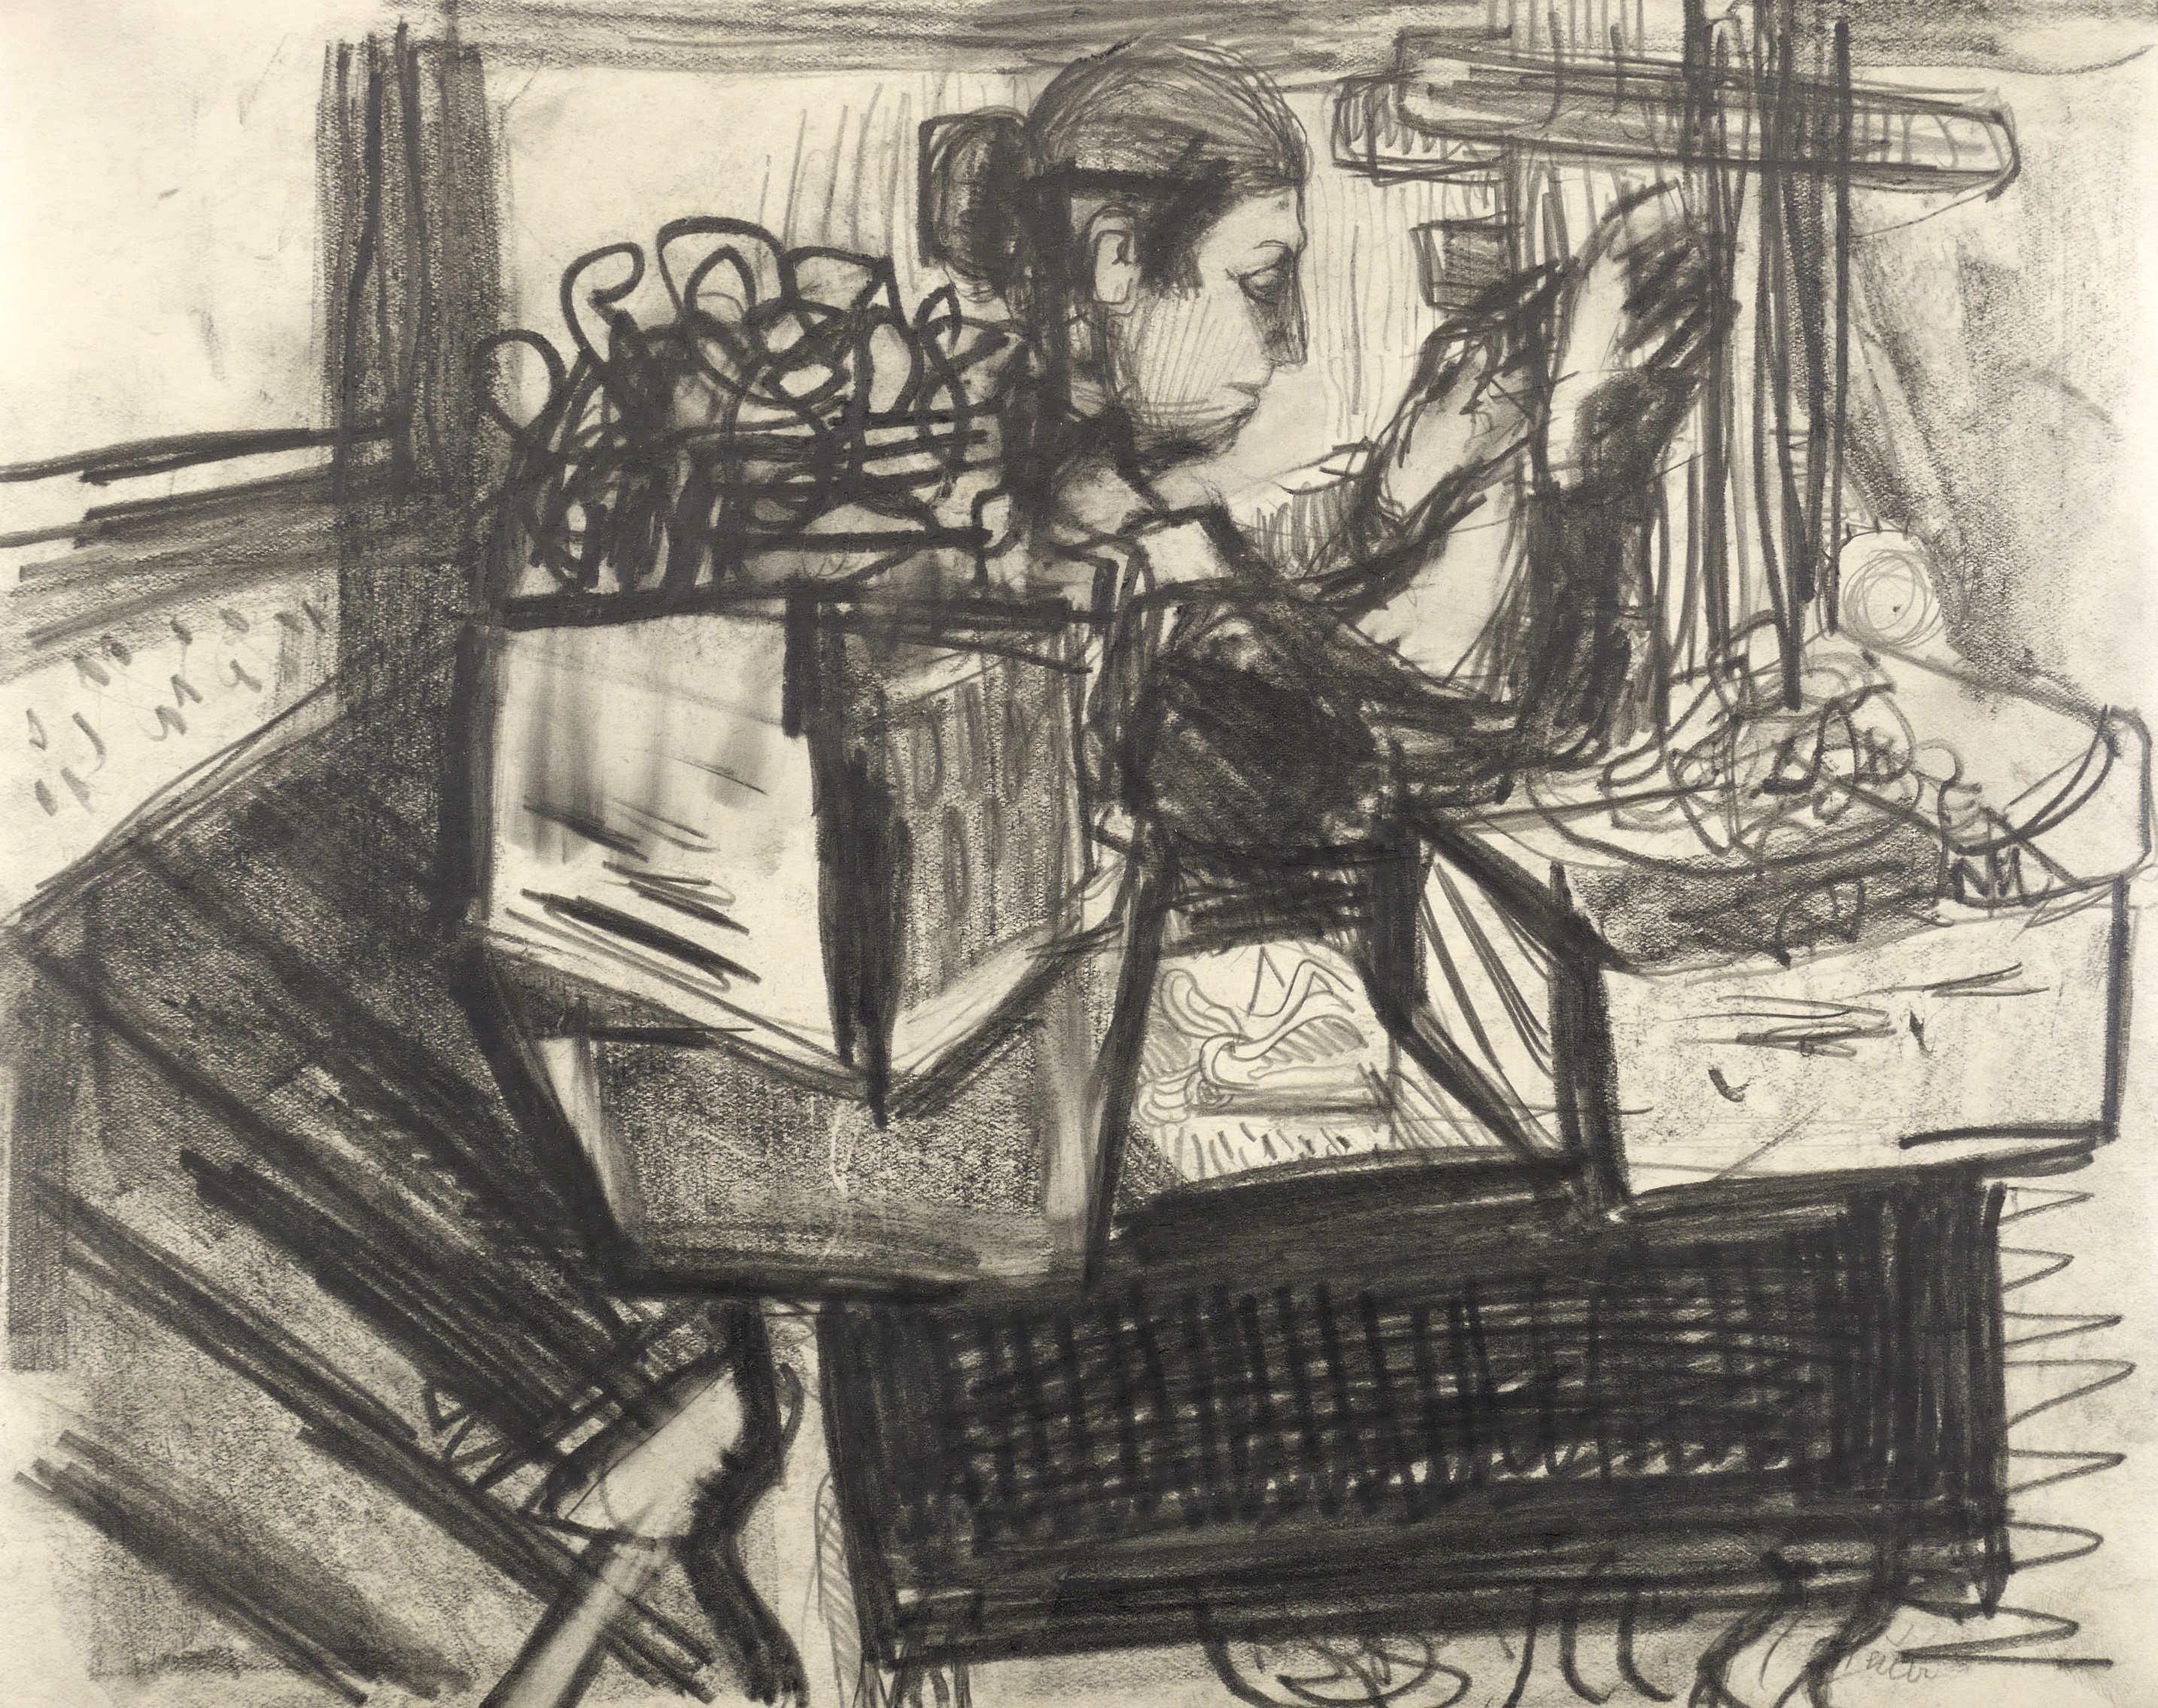 Heuer, Joachim. - Frau am Webstuhl. Zeichnung / Graphitzeichnung, auf glattem Fotokarton, 1960-1970. Von Joachim Heuer. 24,0 x 30,0 cm (Darstellung / Blatt). Rechts unten in Bleistift si